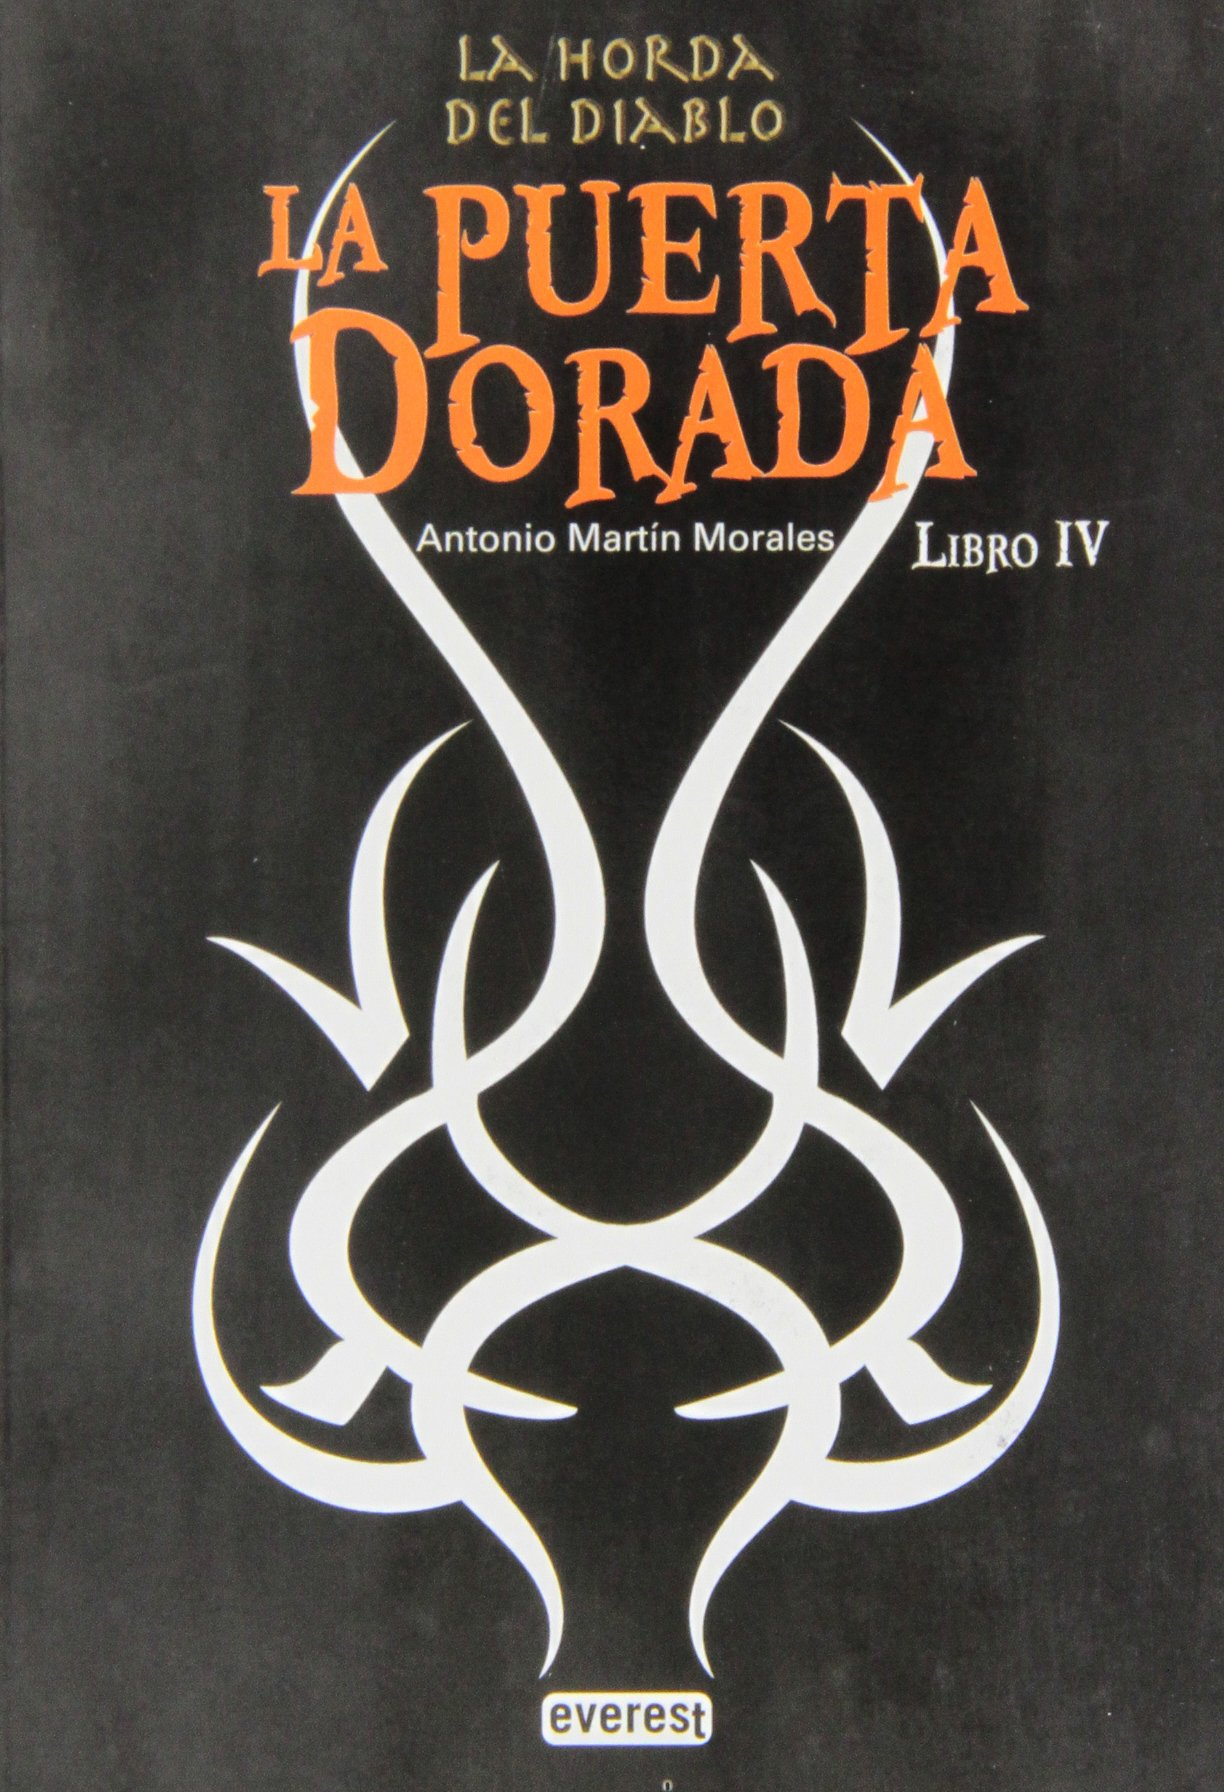 La horda del diablo. La puerta dorada. Libro IV (Spanish Edition) PDF